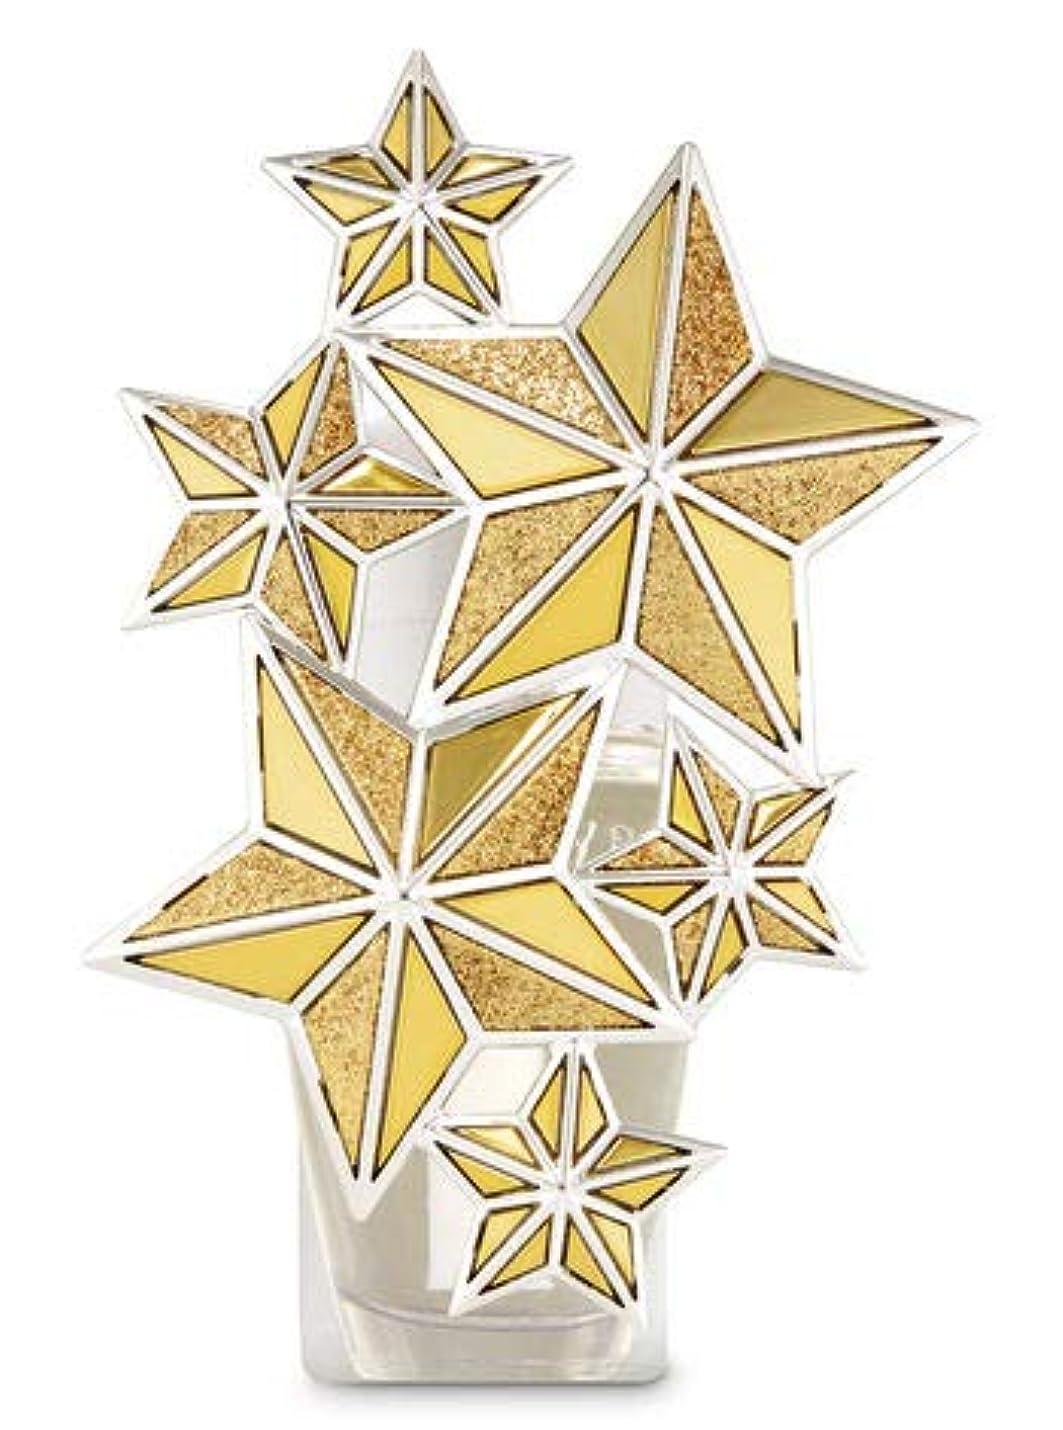 進化するマーカーコード【Bath&Body Works/バス&ボディワークス】 ルームフレグランス プラグインスターター (本体のみ) ゴールドスター ナイトライト Wallflowers Fragrance Plug Gold Star Night...